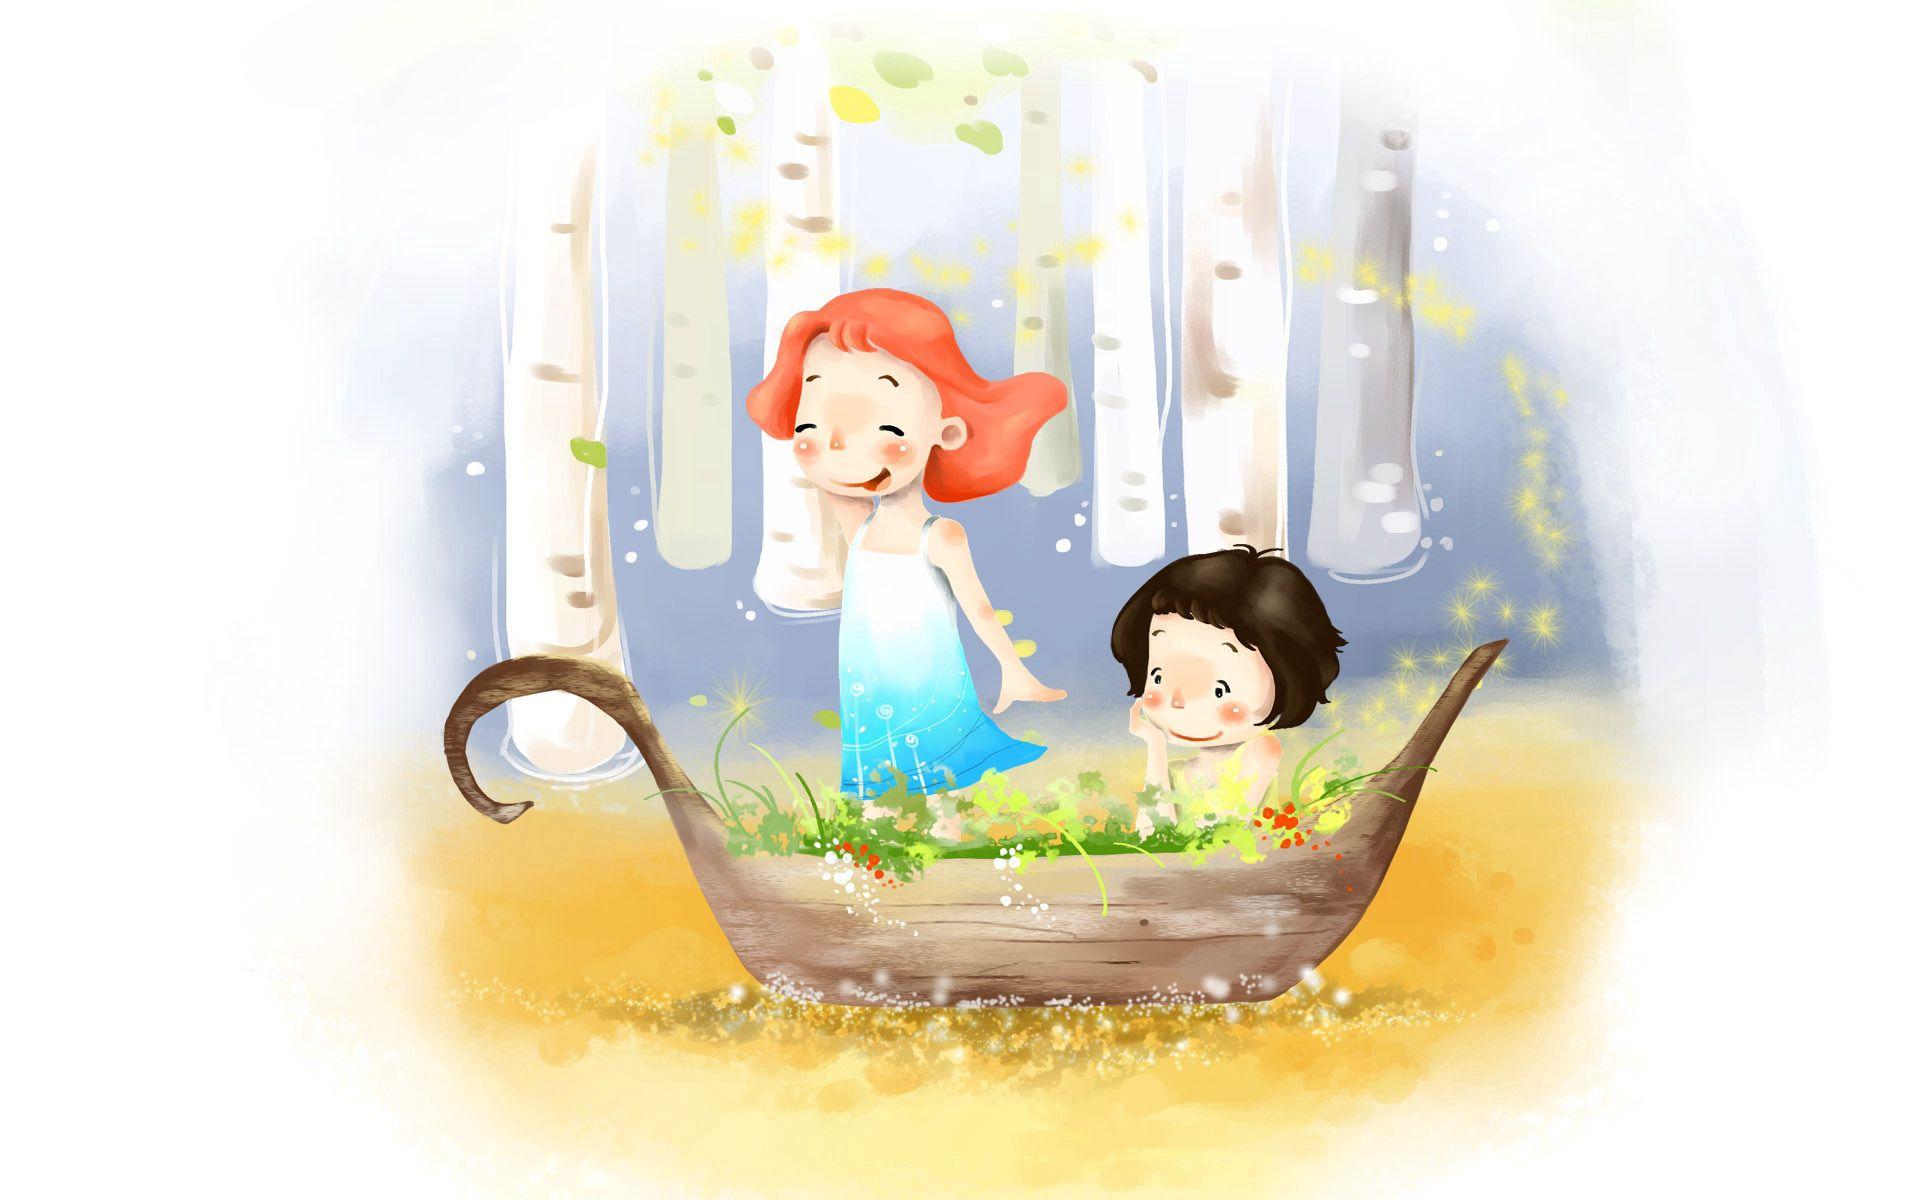 75241 скачать обои Разное, Рисунок, Девочка, Мальчик, Лодка, Берёзы, Ветер, Платье, Детство, Радость, Цветы - заставки и картинки бесплатно